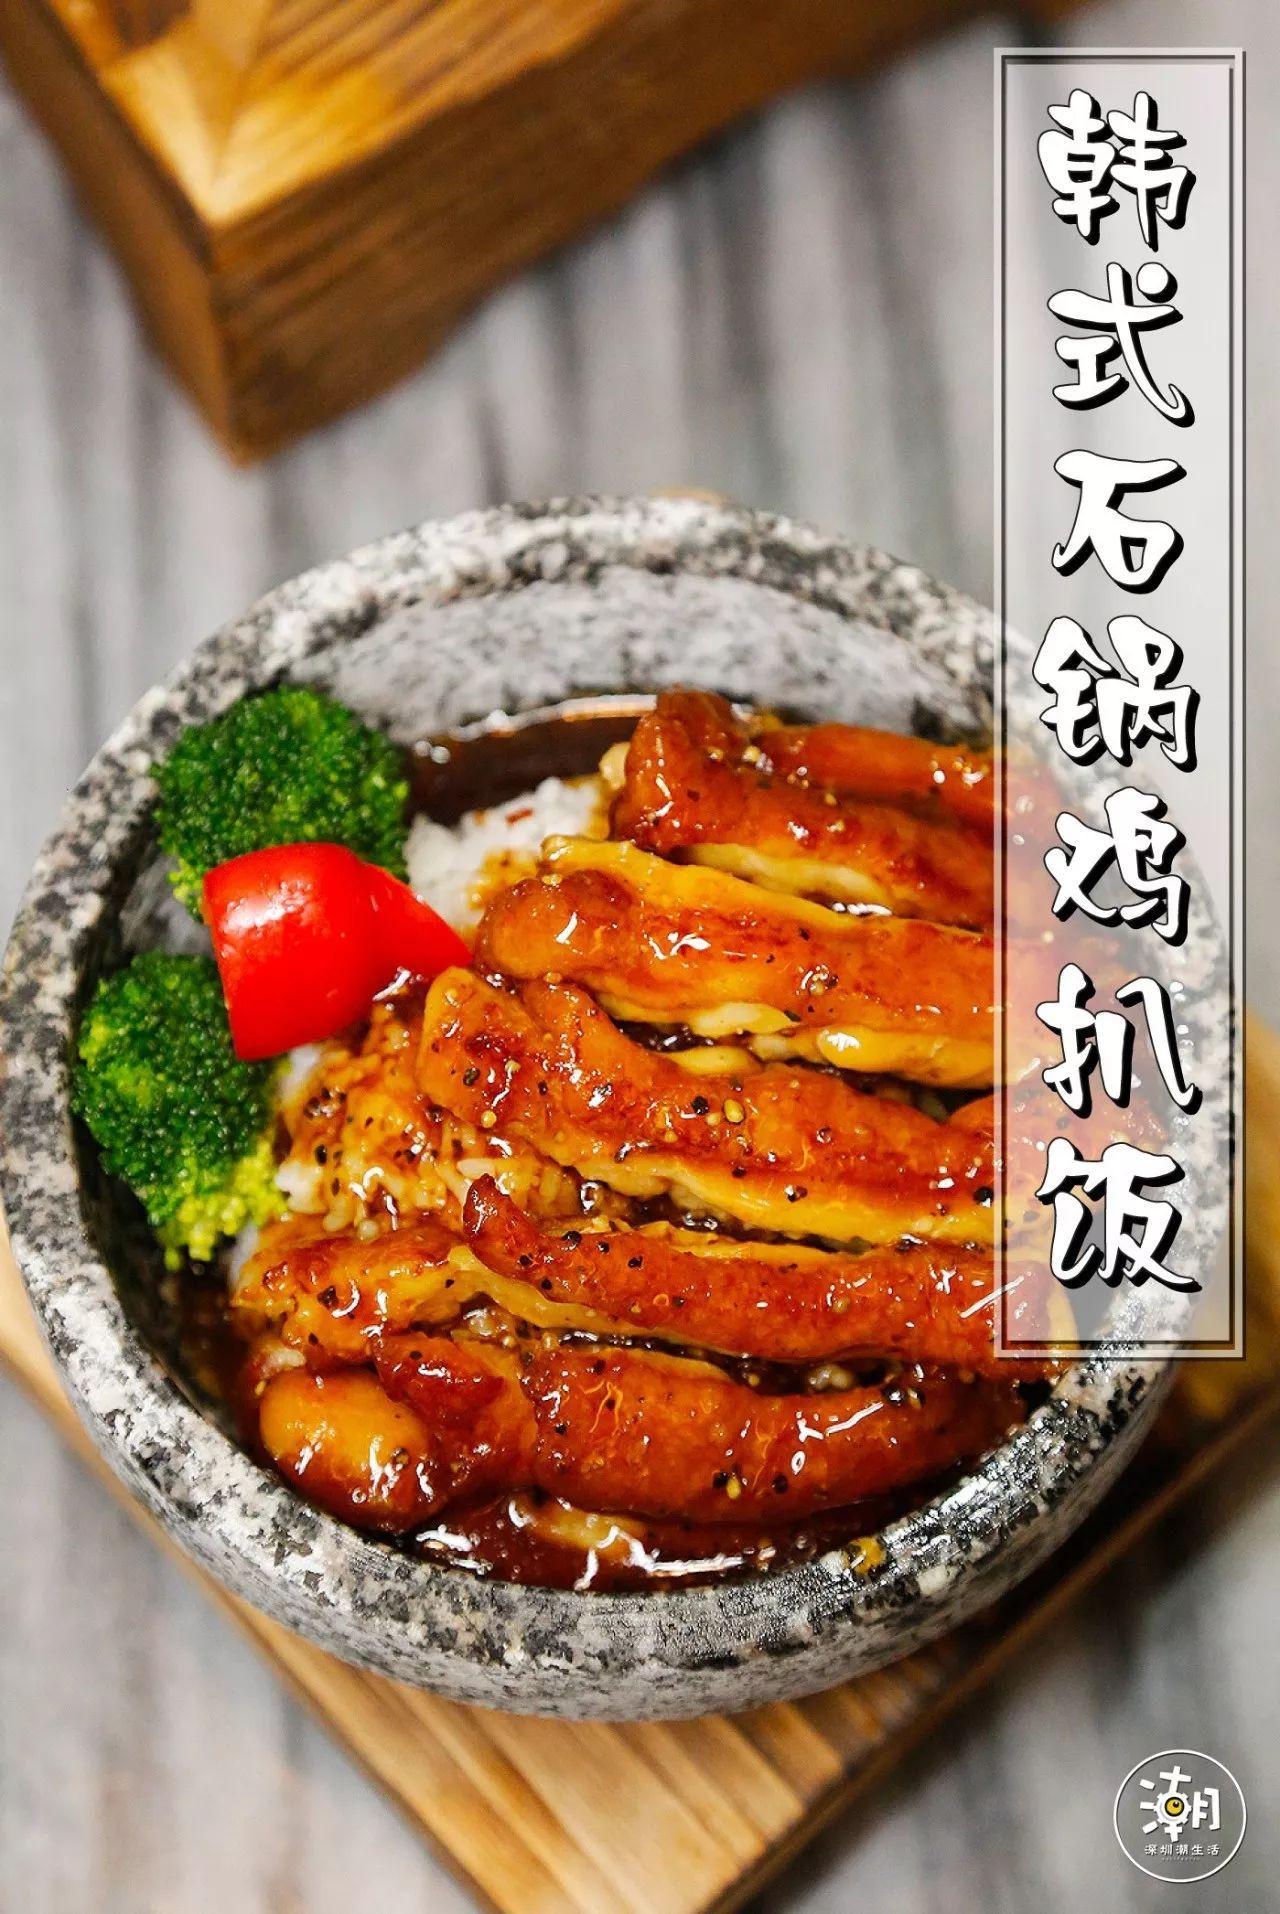 黑椒鸡扒饭的做法_黑椒鸡扒饭怎么做_杰米223_美食杰